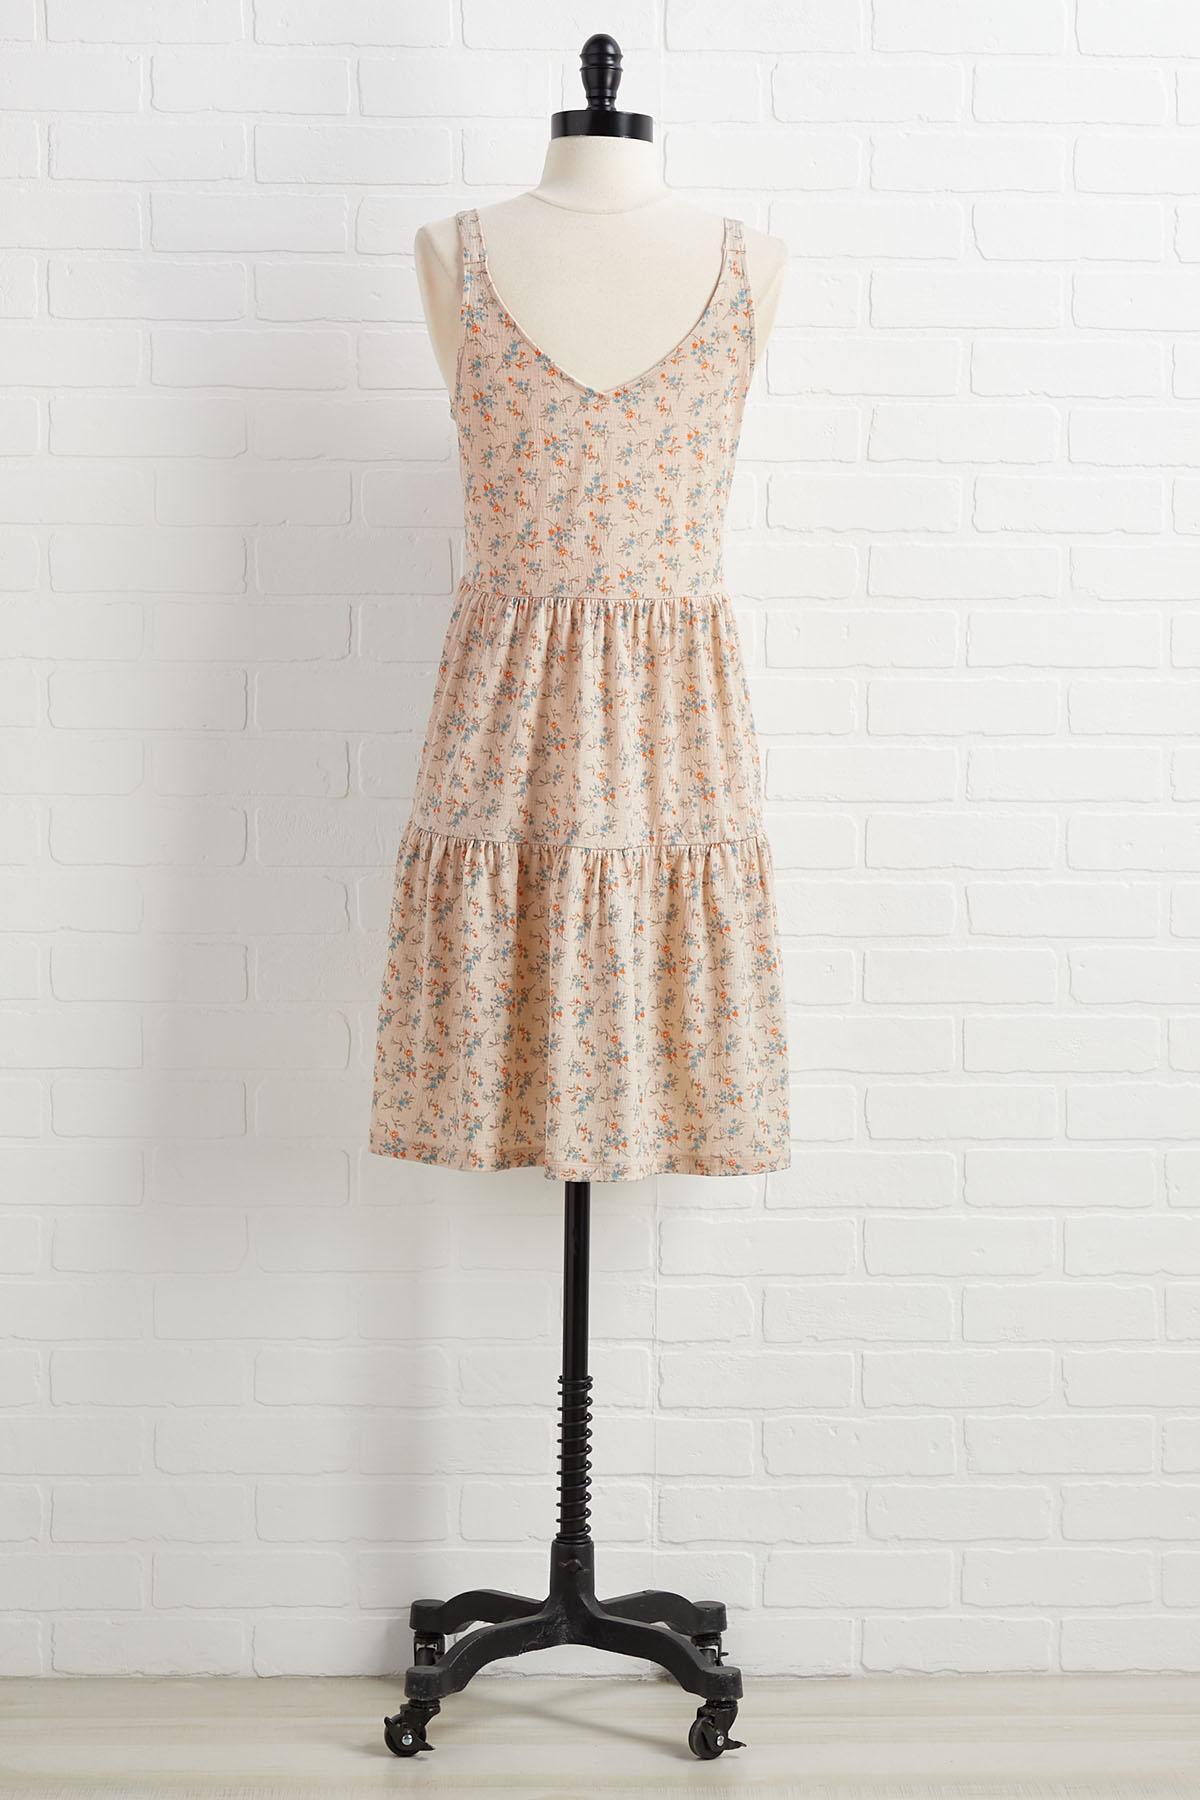 From The Garden Dress